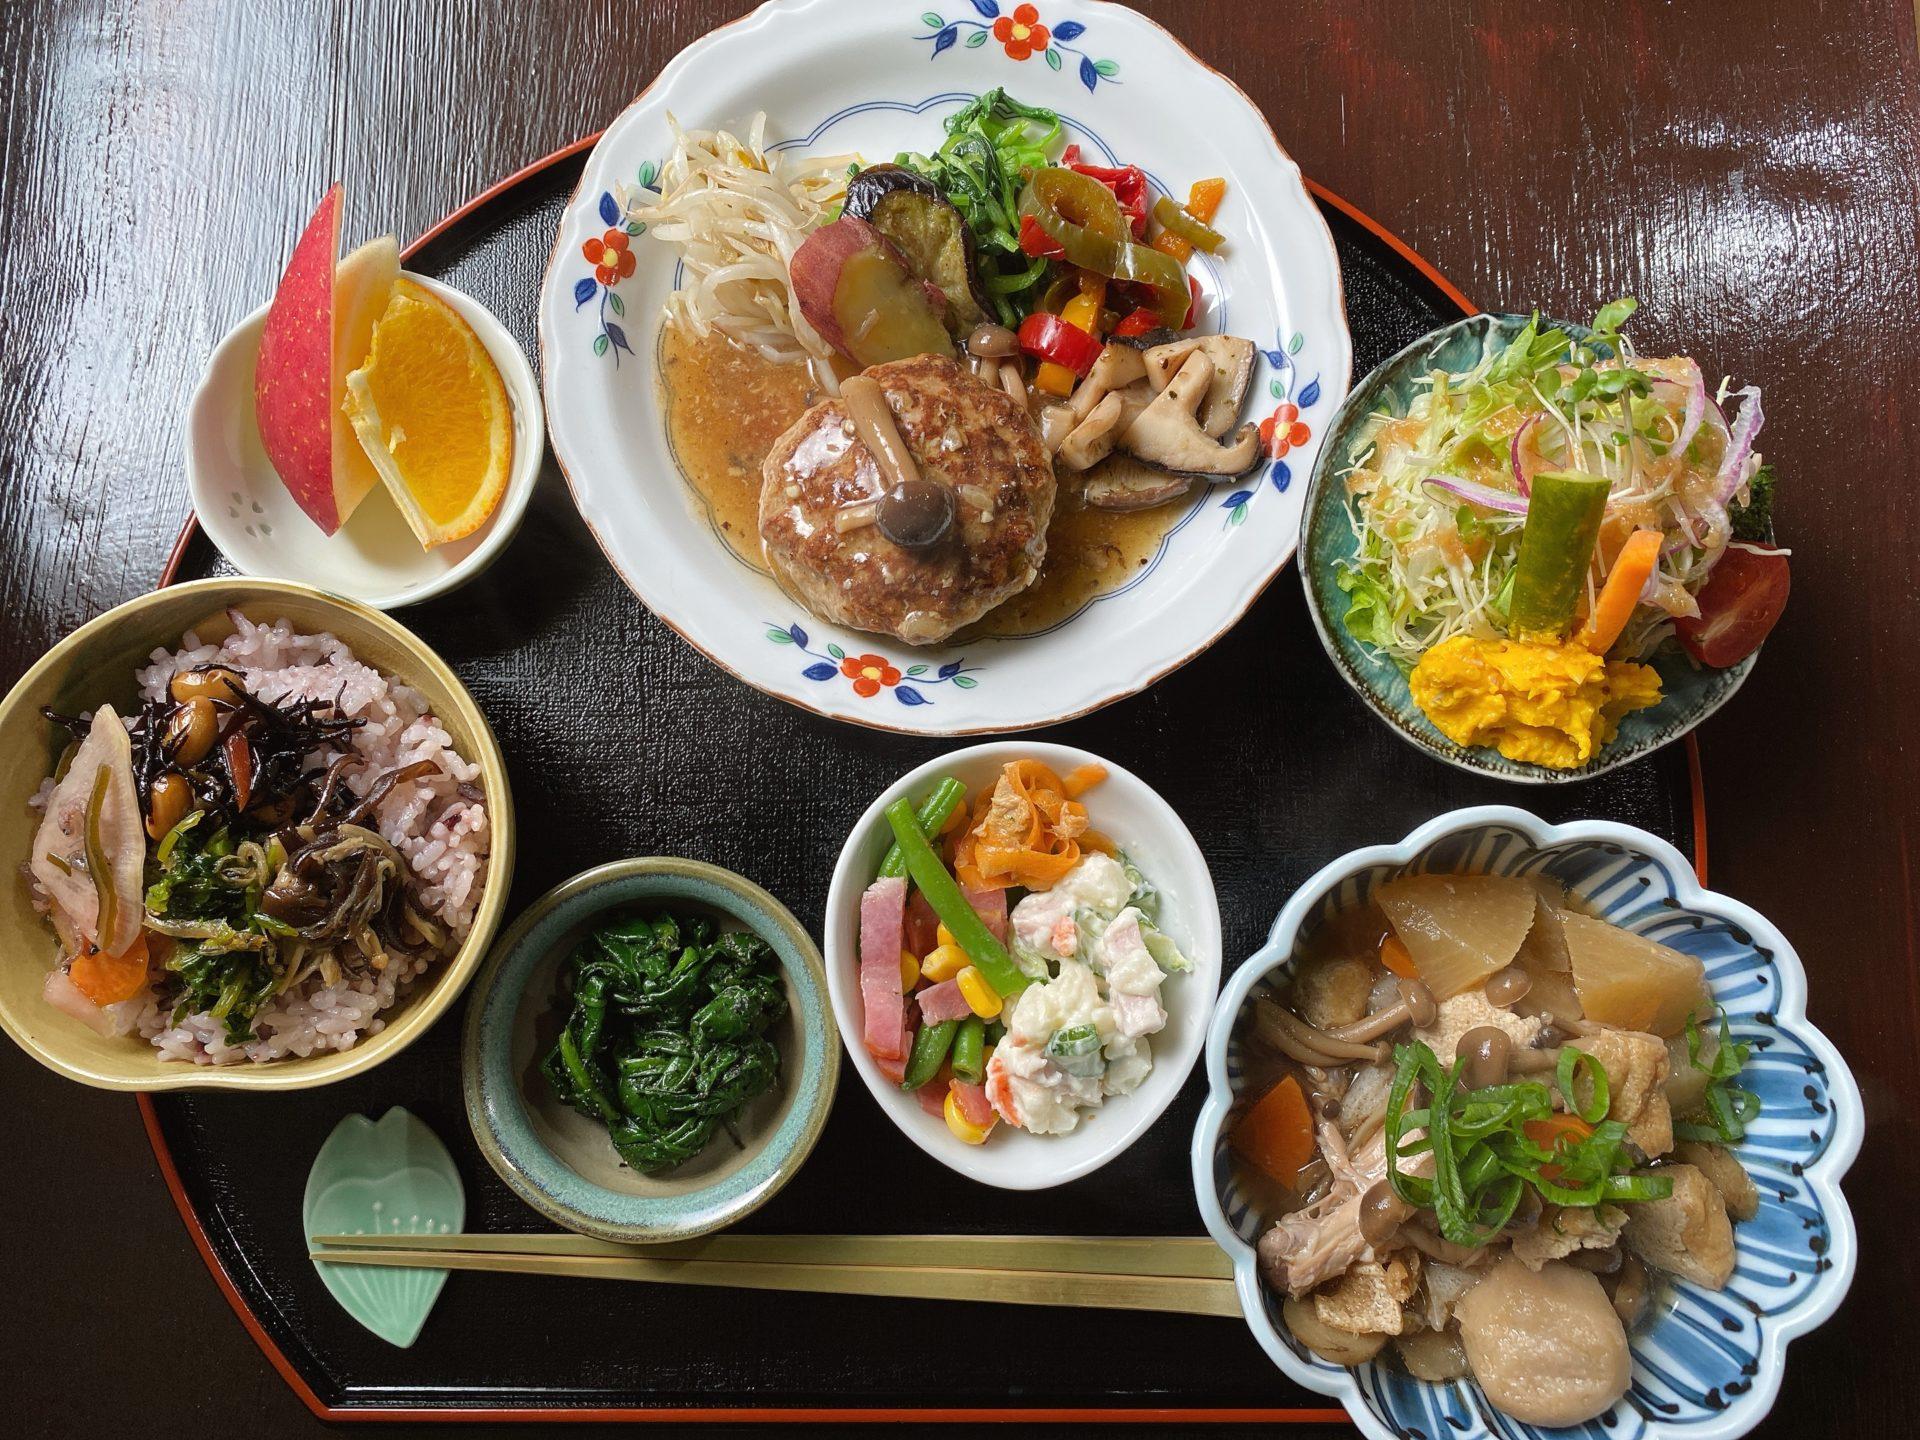 玉野市 八浜駅から車で2分 古民家食堂 菜つむぎ商店&ポルカドッツの野菜中心のランチがヤバイほど美味しくてヘルシーでリーズナブル!